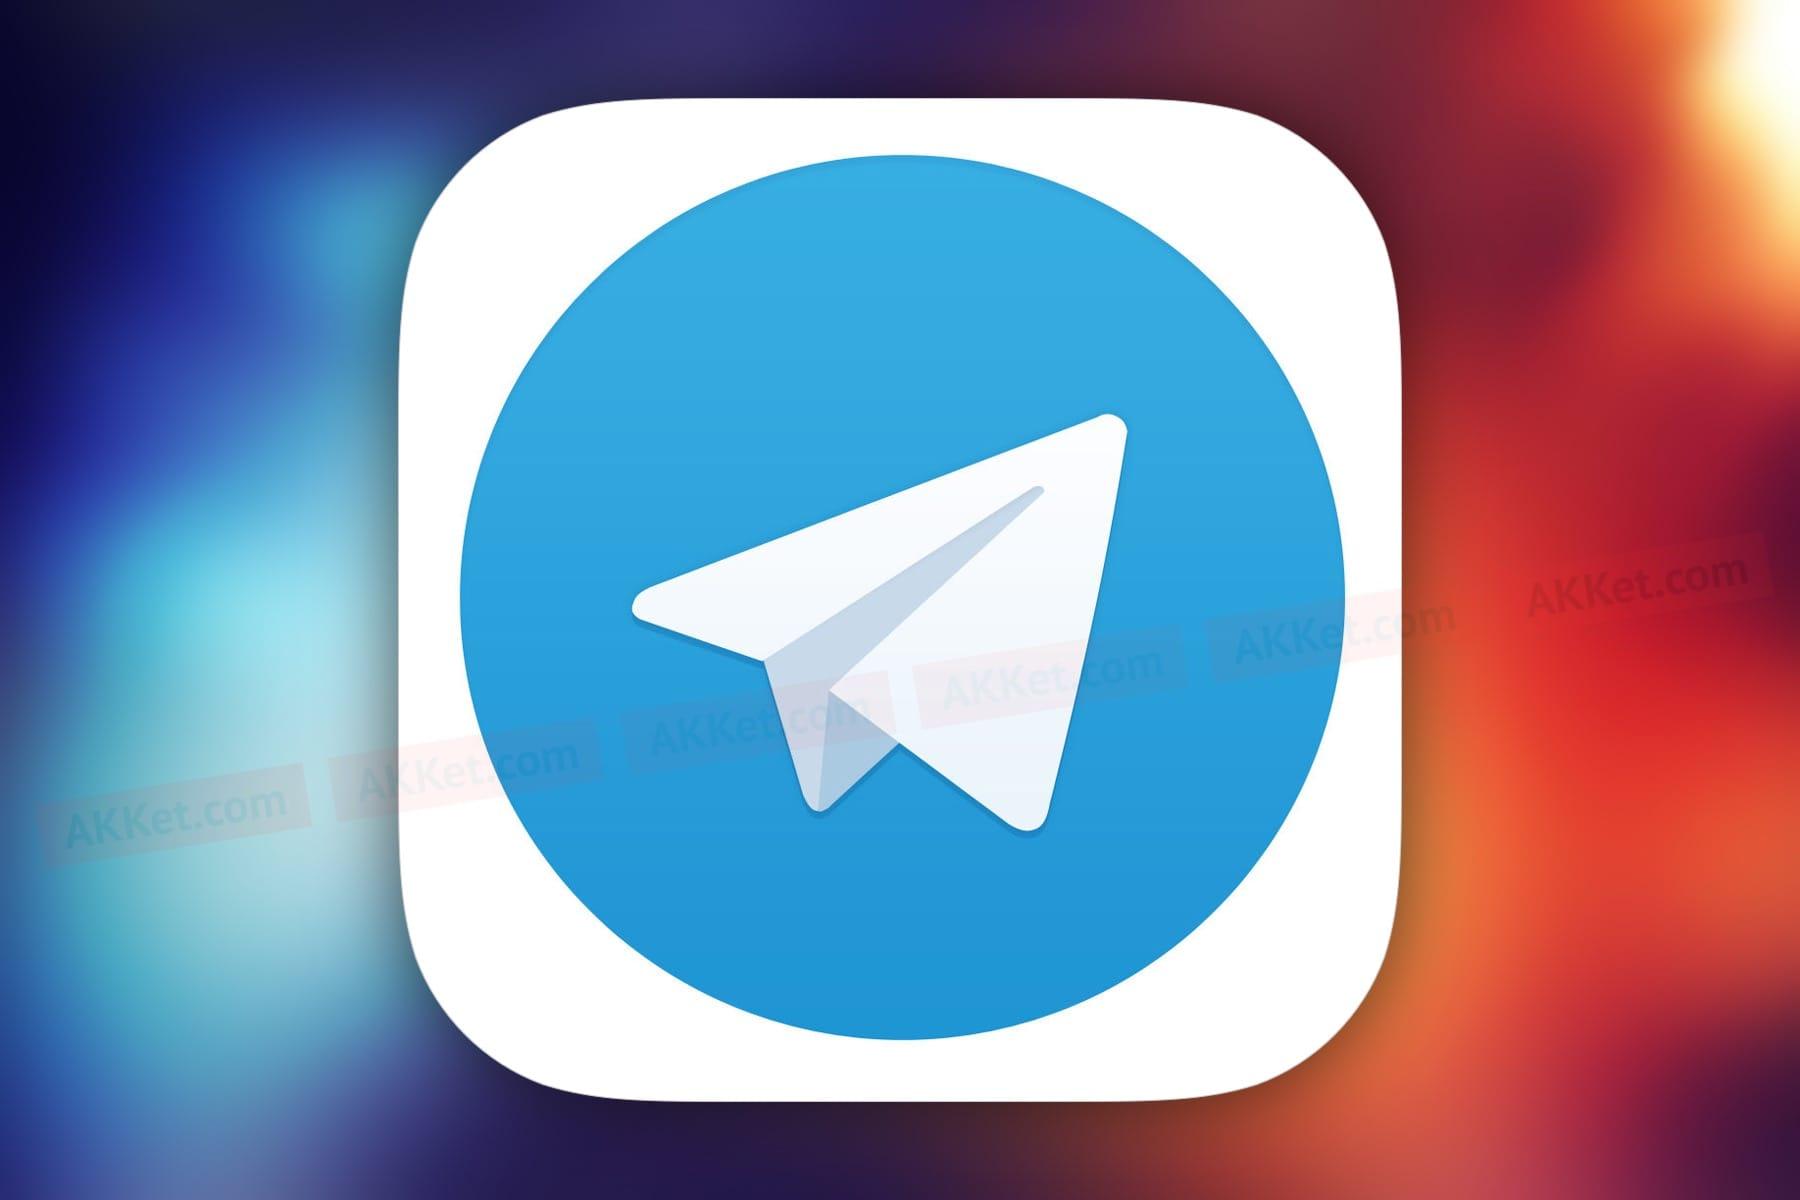 Telegram пожаловался вЕСПЧ во 2-ой раз